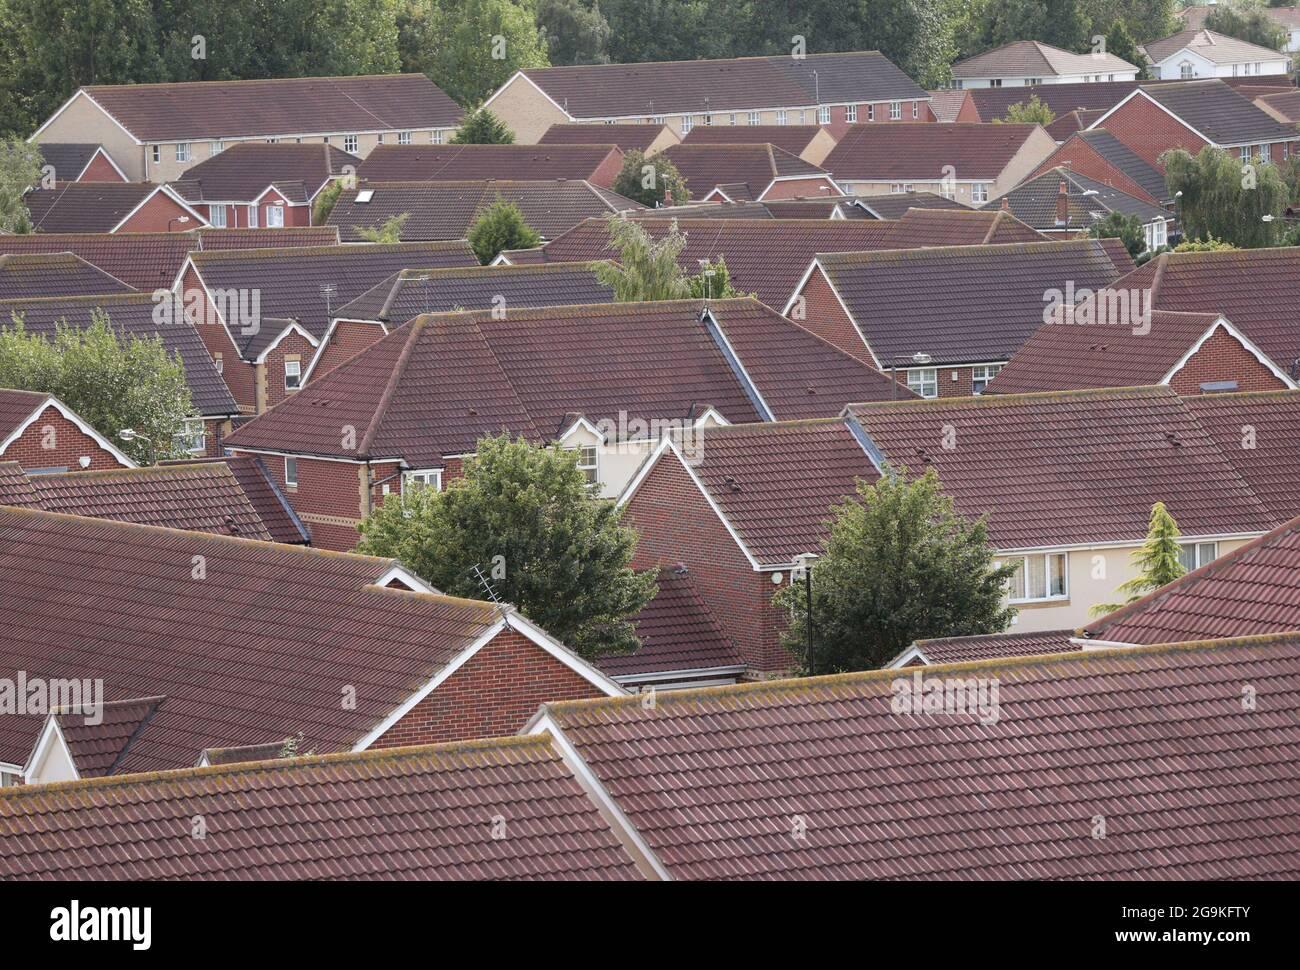 Photo du dossier datée du 19/08/14 d'une vue sur les maisons de Thamesmead, au sud-est de Londres. Les prix de l'immobilier sont maintenant près d'un tiers (30%) de plus en moyenne qu'un précédent pic du marché en 2007, a constaté une analyse de Zoopla. Date de publication : le mardi 27 juillet 2021. Banque D'Images